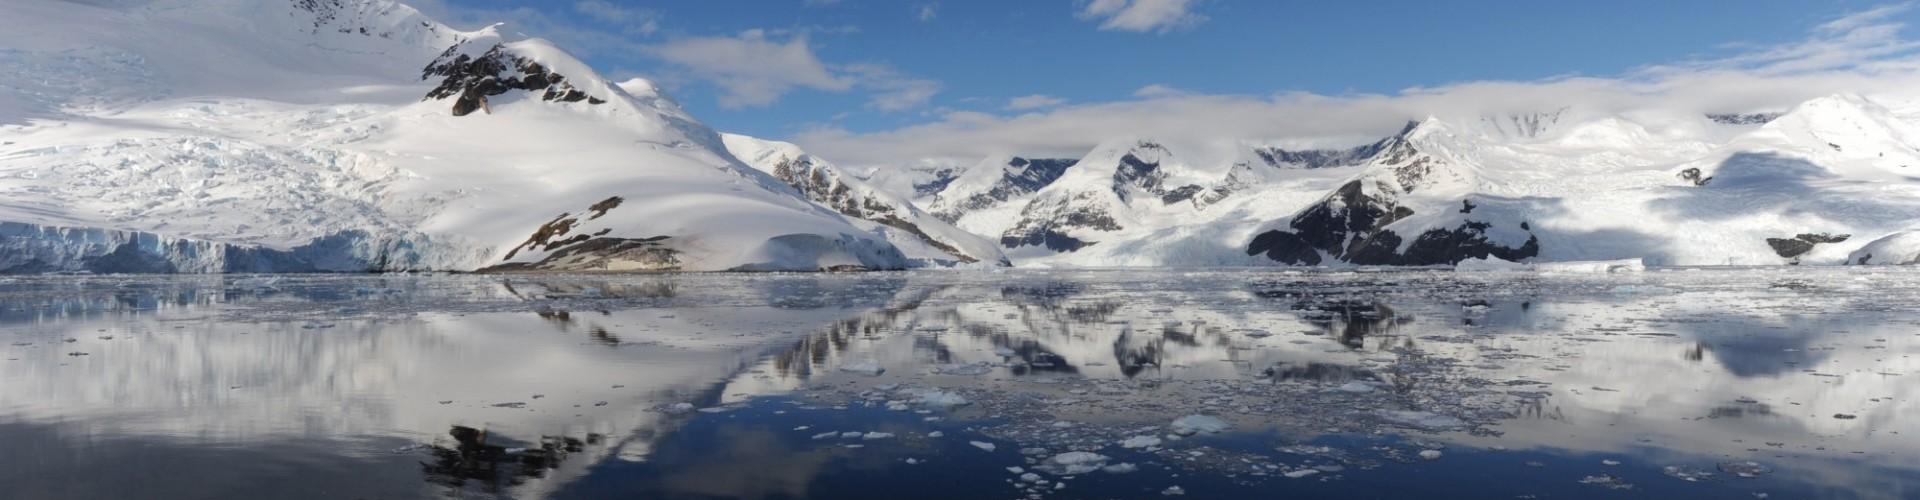 AN - Weddell Sea - Oceanwide - scenery by Erwin Vermeulen